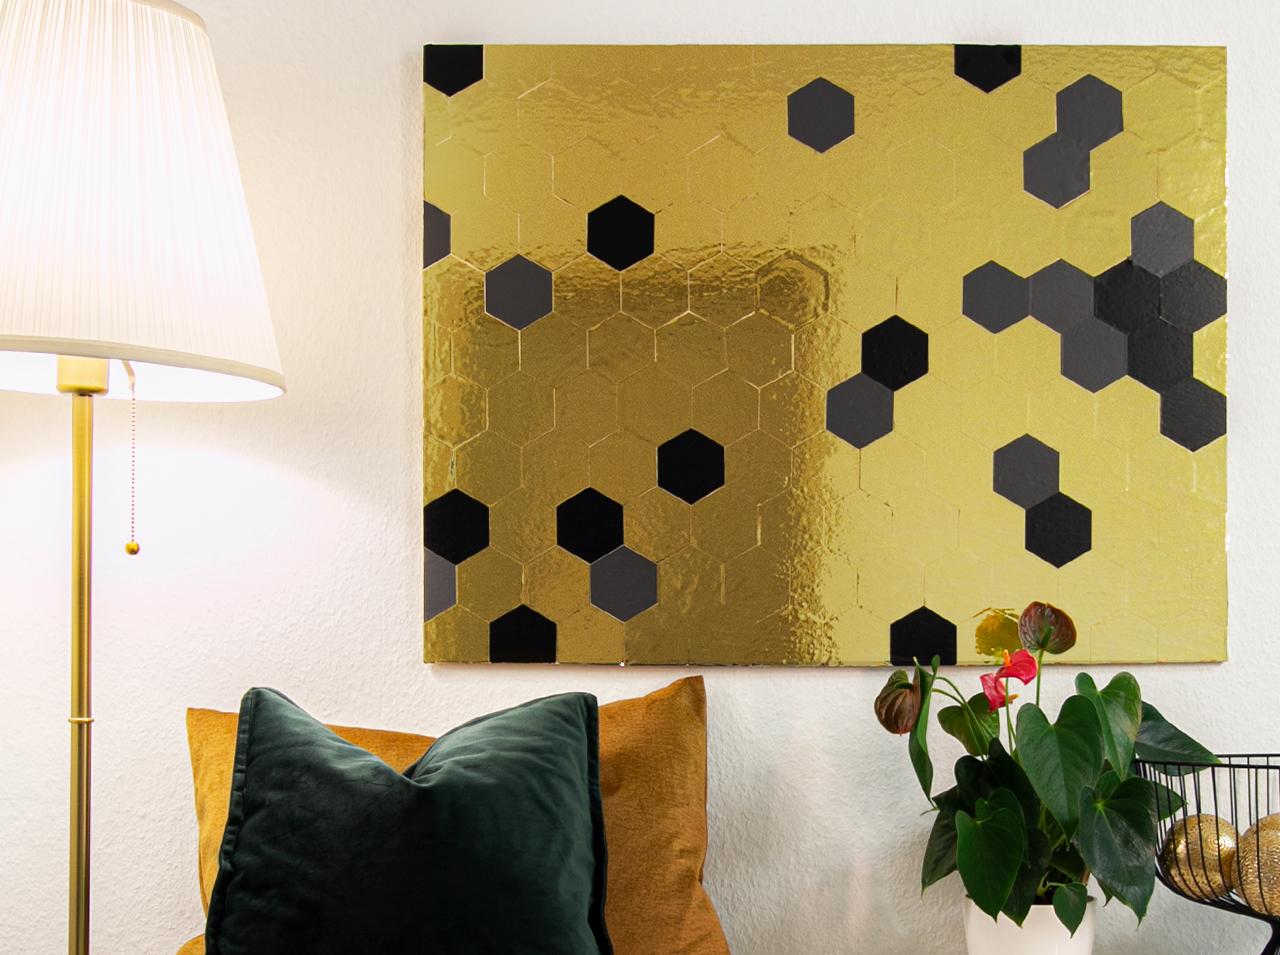 Obraz ścienny DIY na drewnianej płycie z geometrycznym wzorem plastrów miodu wykonanych z folii d-c-fix® w kolorze złotym, antracytowym i czarnym.